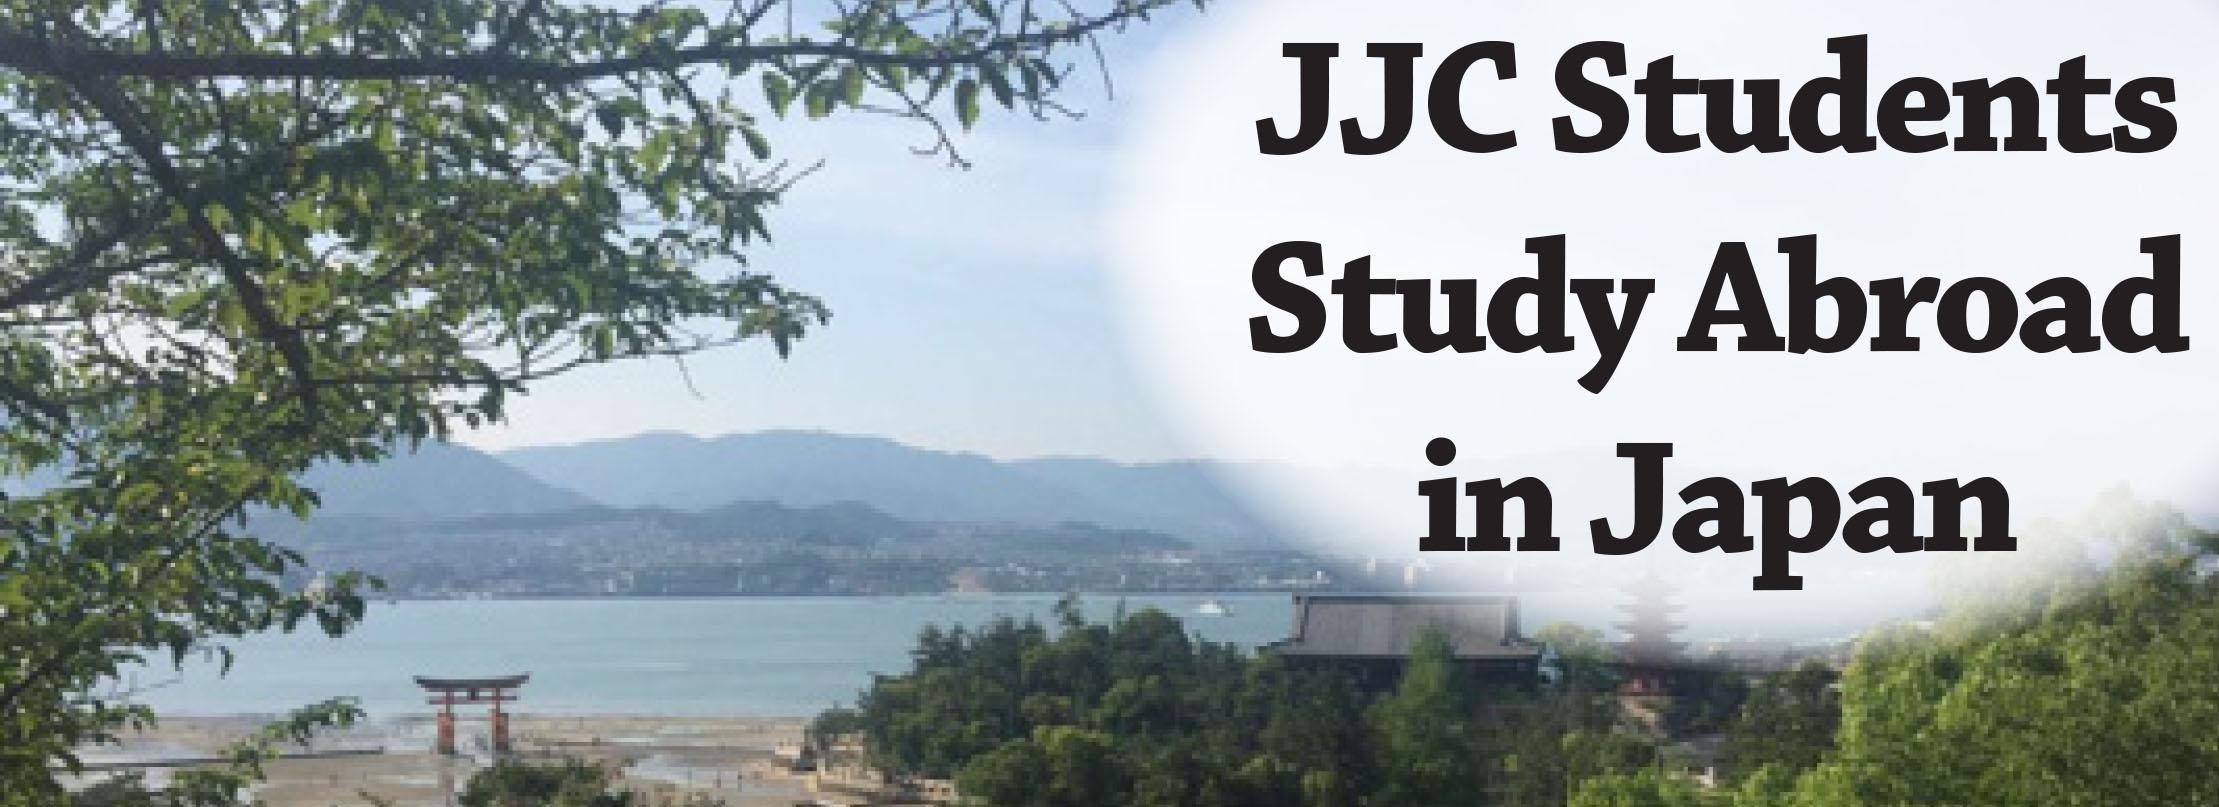 JJC Students Study Abroad Matsuyama Japan